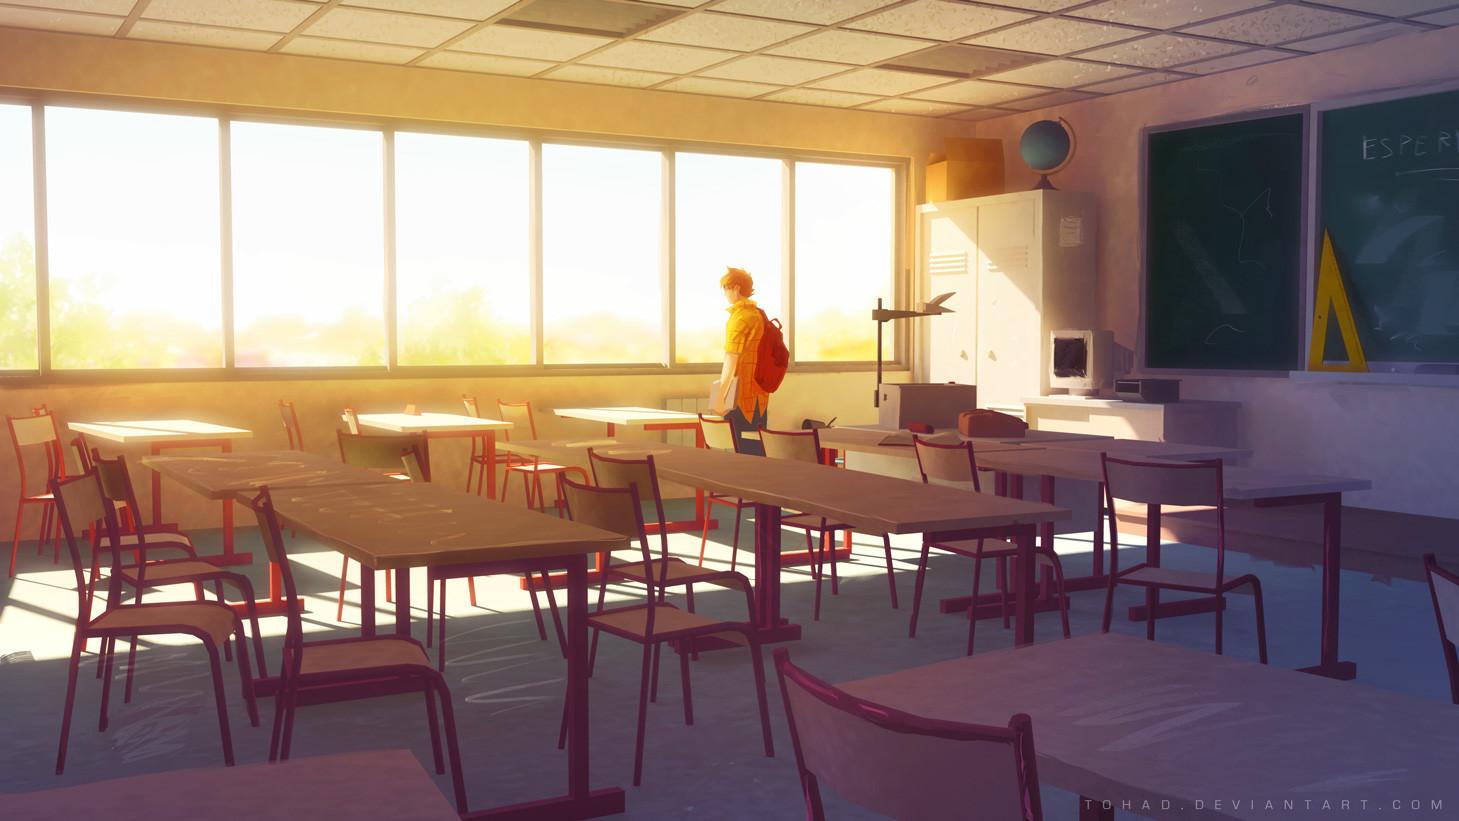 1459x821 Px Alone Anime Empty Class School